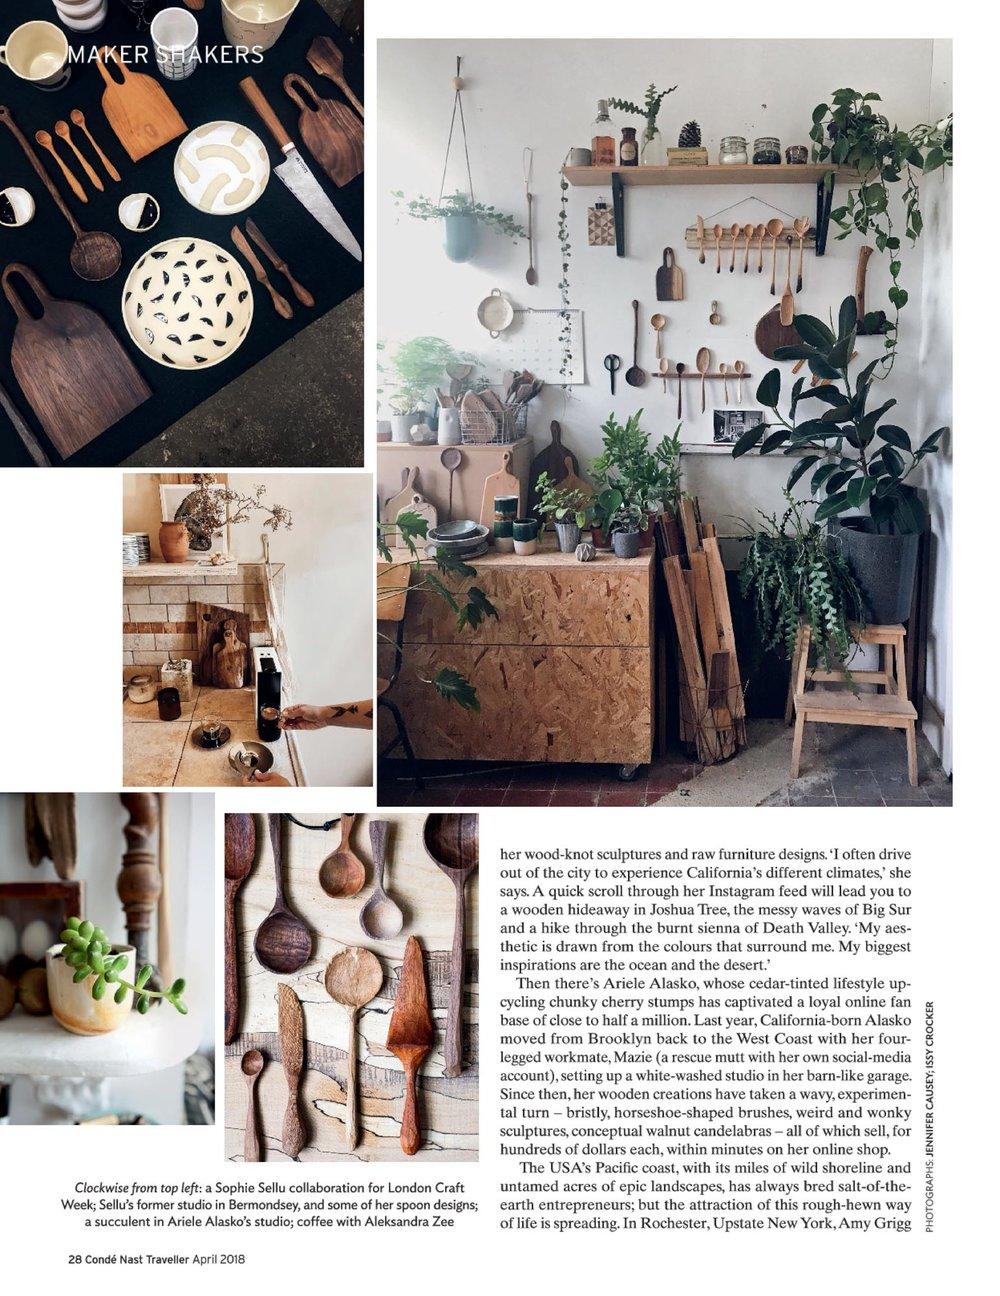 Erin+melbourne,+Melbourne+woodwork+design+for+Conde+Nast+Traveller+woodworker-3.jpg